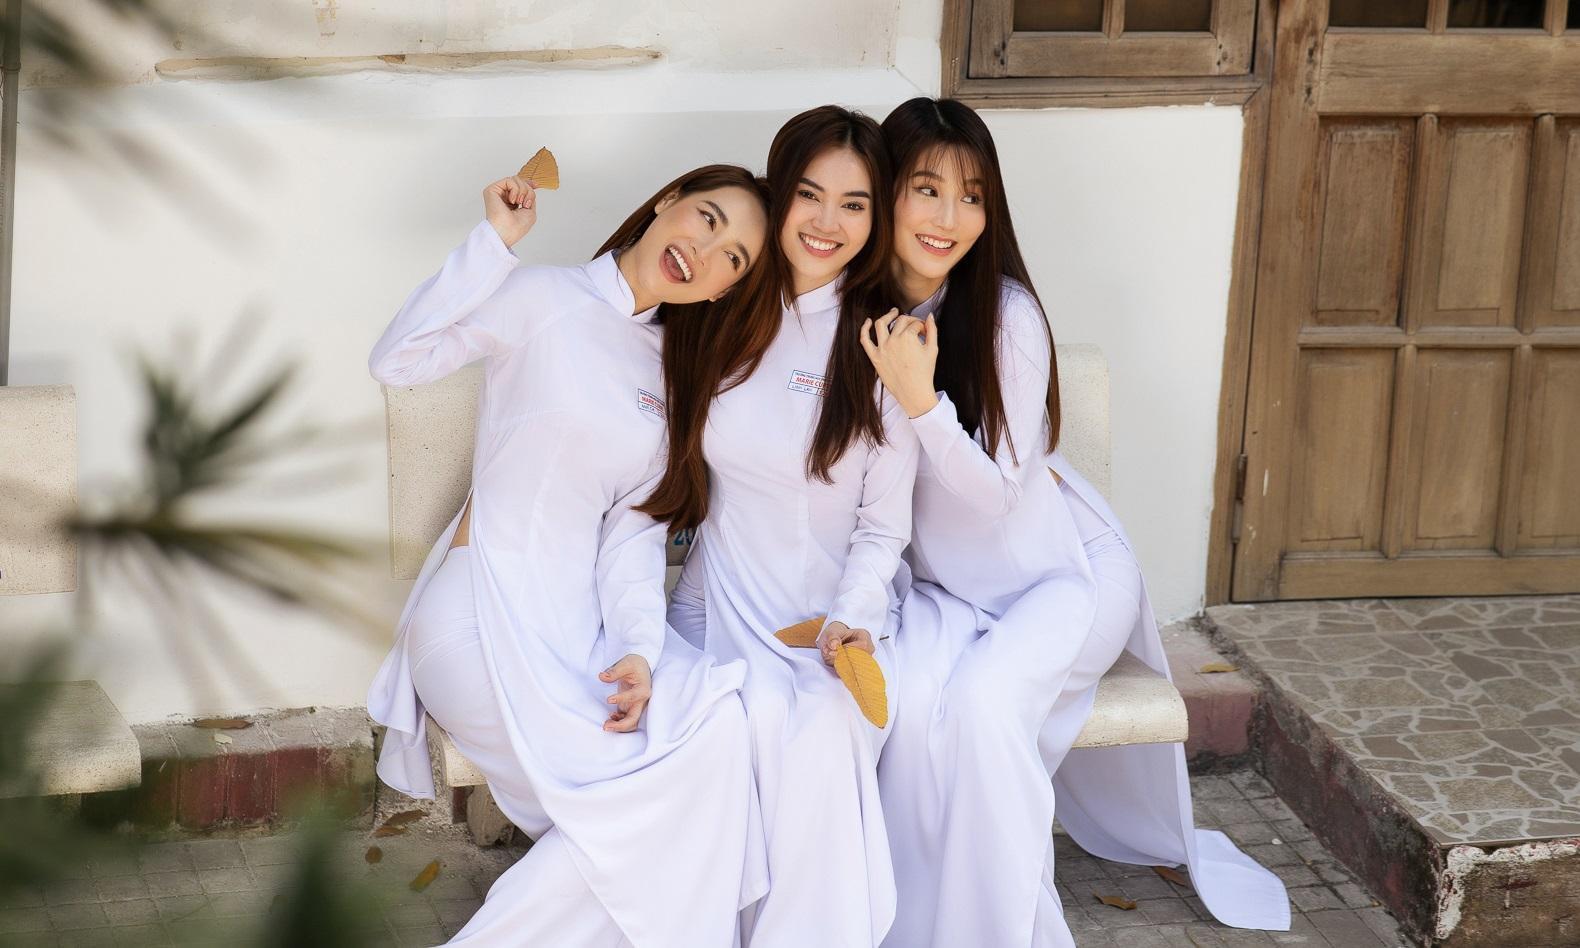 Phim '1990' đột ngột rút khỏi 'chảo lửa' phim Việt tháng 4, không có ngày khởi chiếu mới Ảnh 1